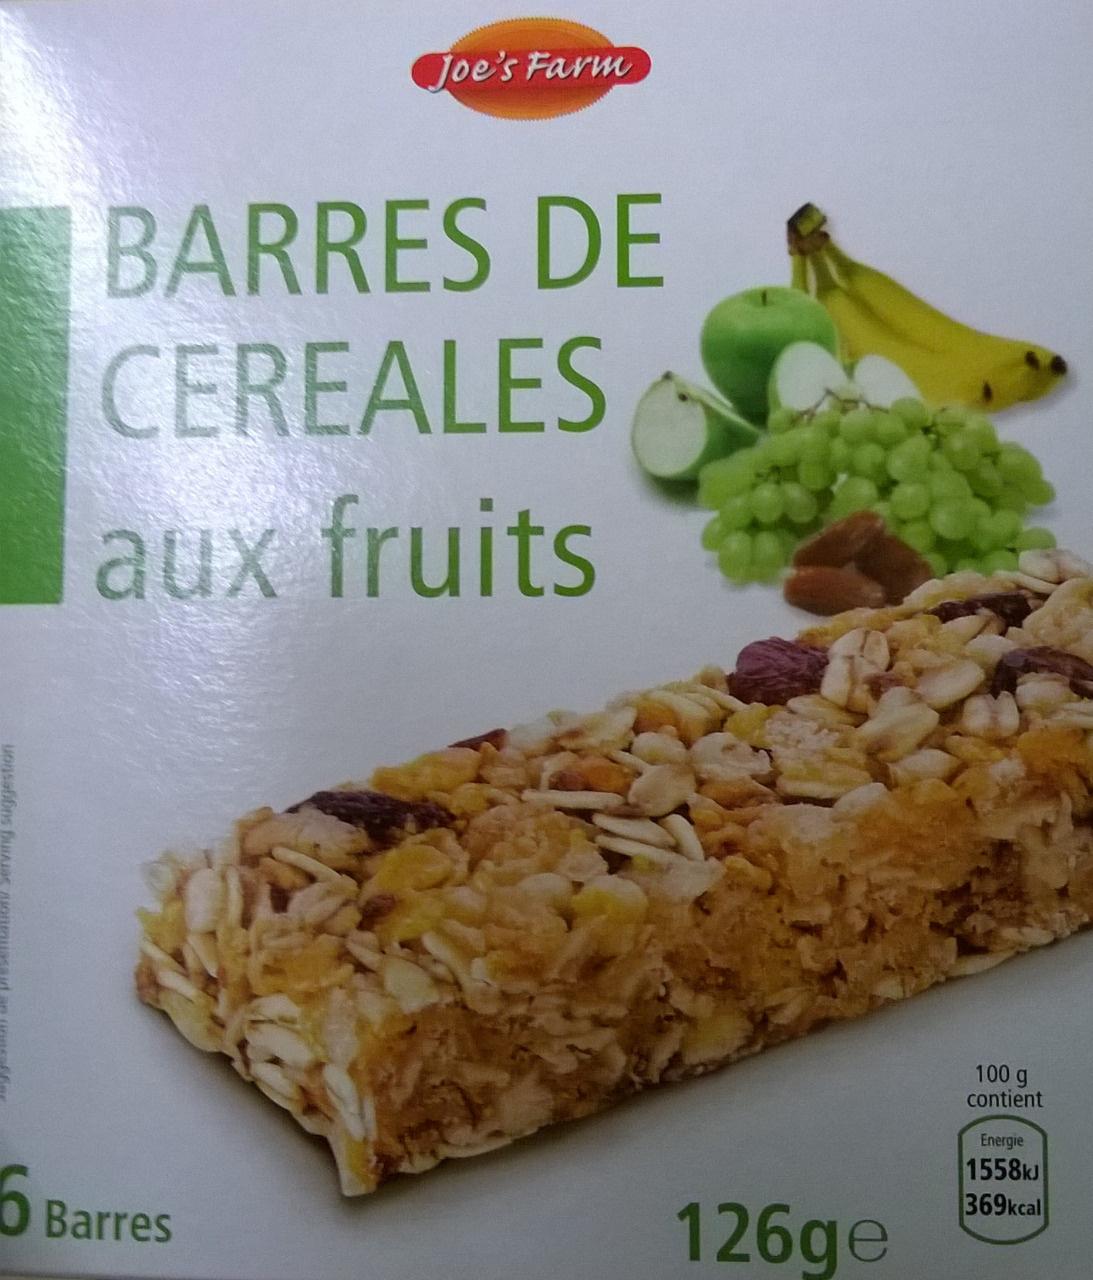 Barres de céréales aux fruits - Produit - fr